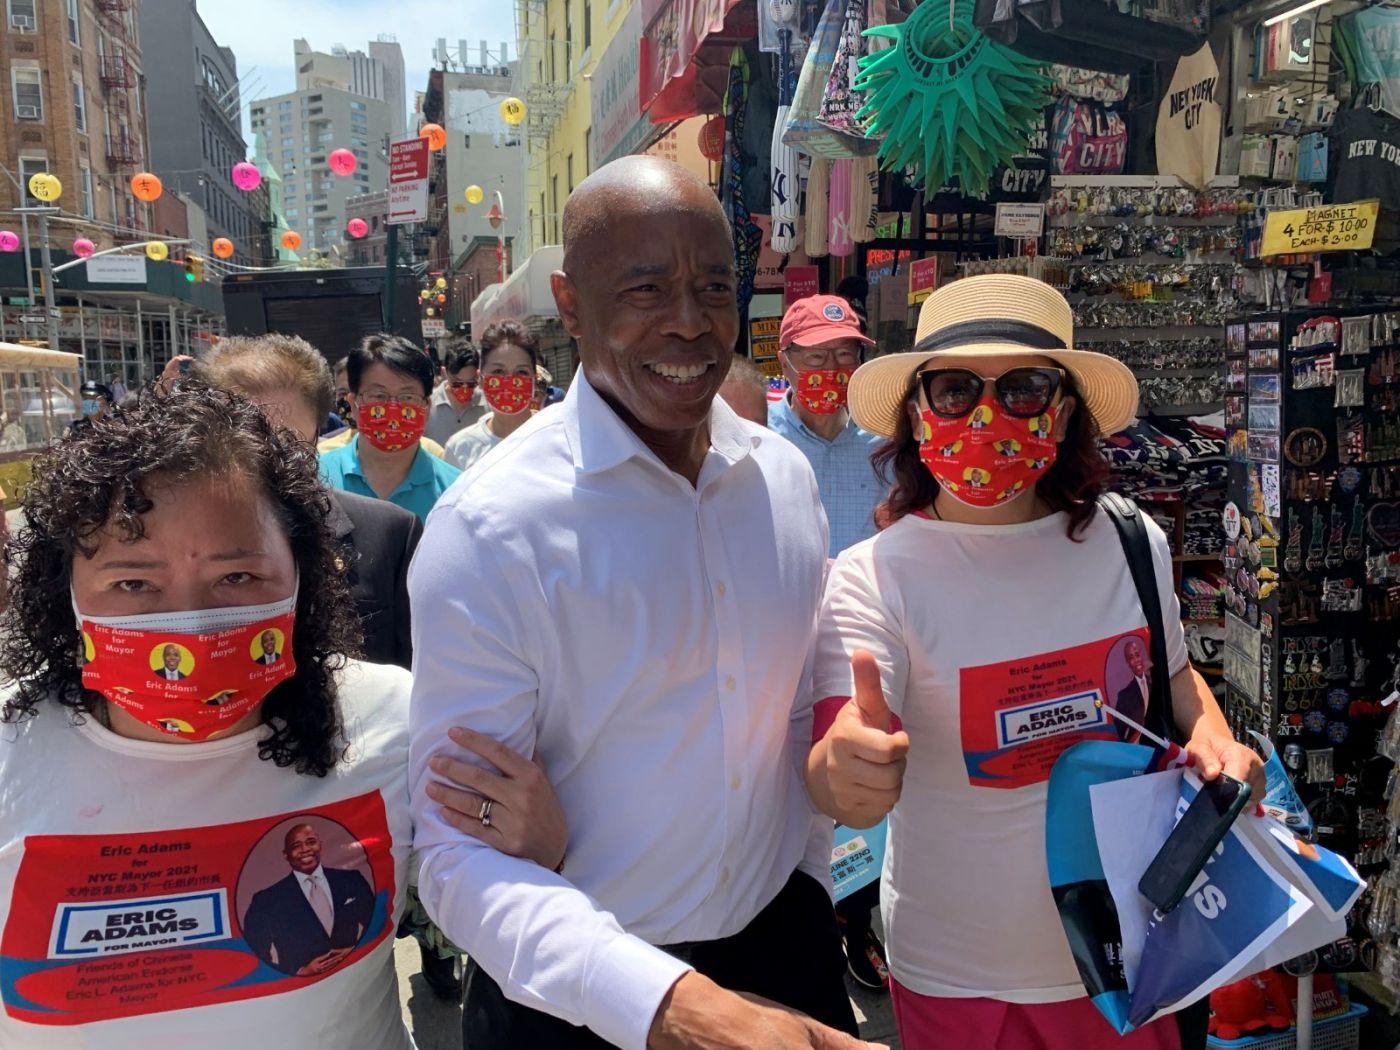 高娓娓:纽约市长竞选人亚当斯拜访唐人街社区民众_图1-10